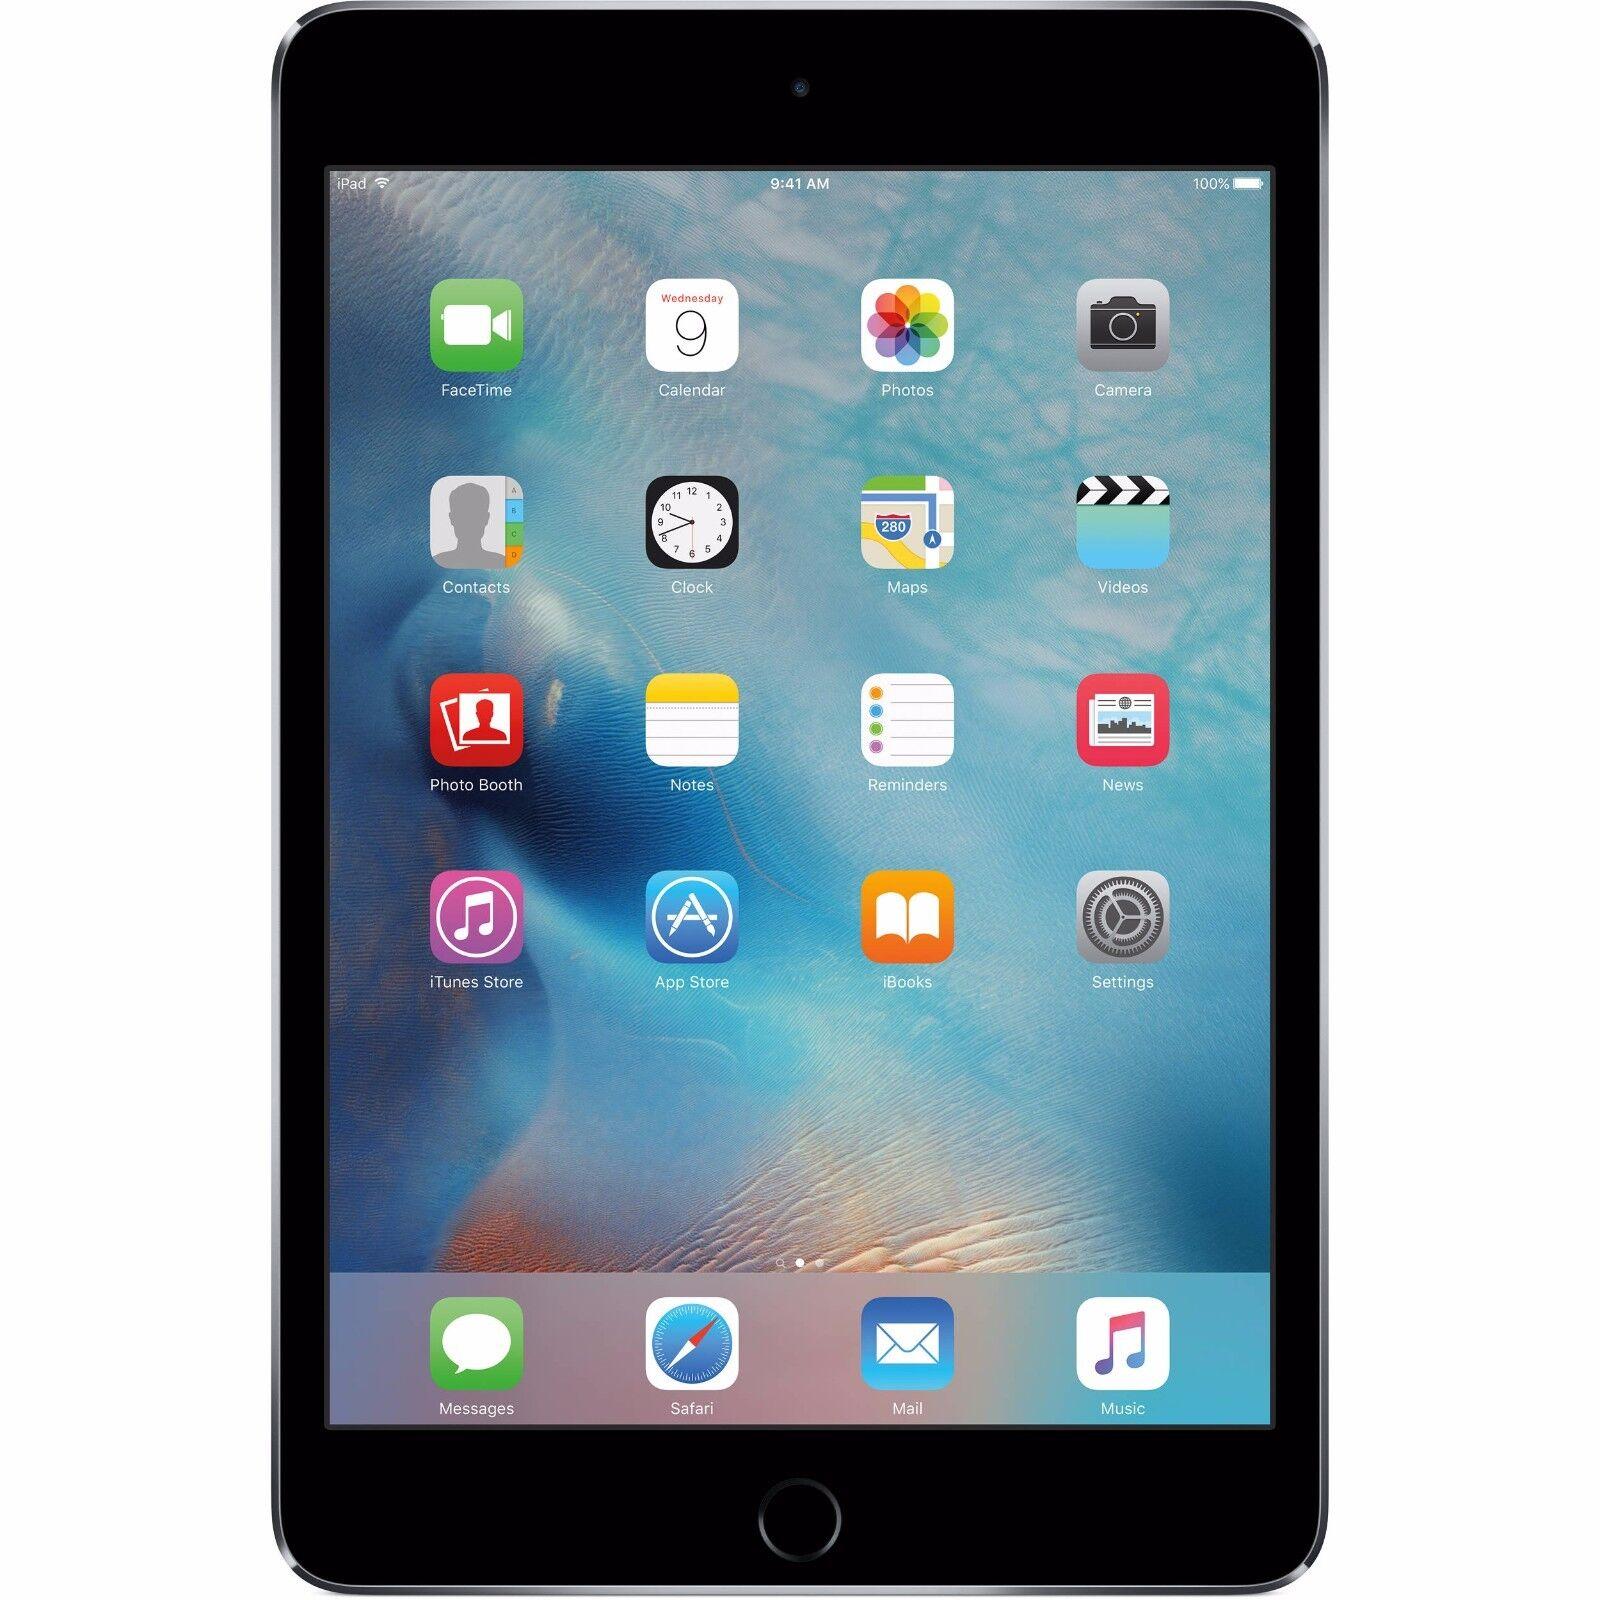 Apple iPad Air 2 32GB, Wi-Fi, 9.7in,Retina Display,Touch ID